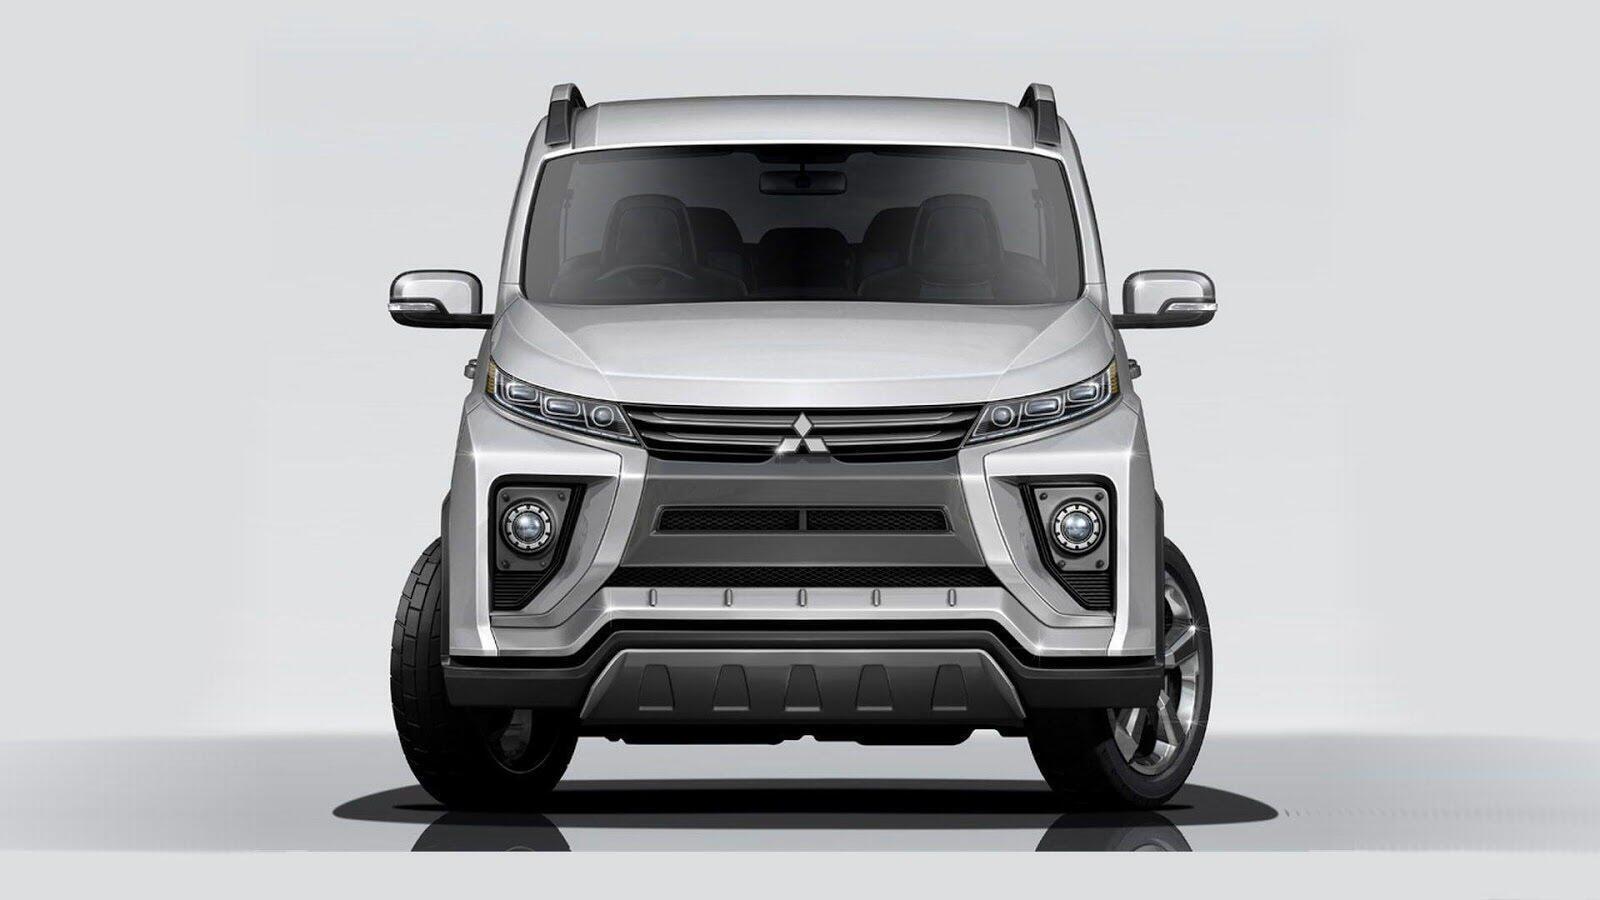 Mitsubishi công bố hình ảnh concept mới - Hình 2